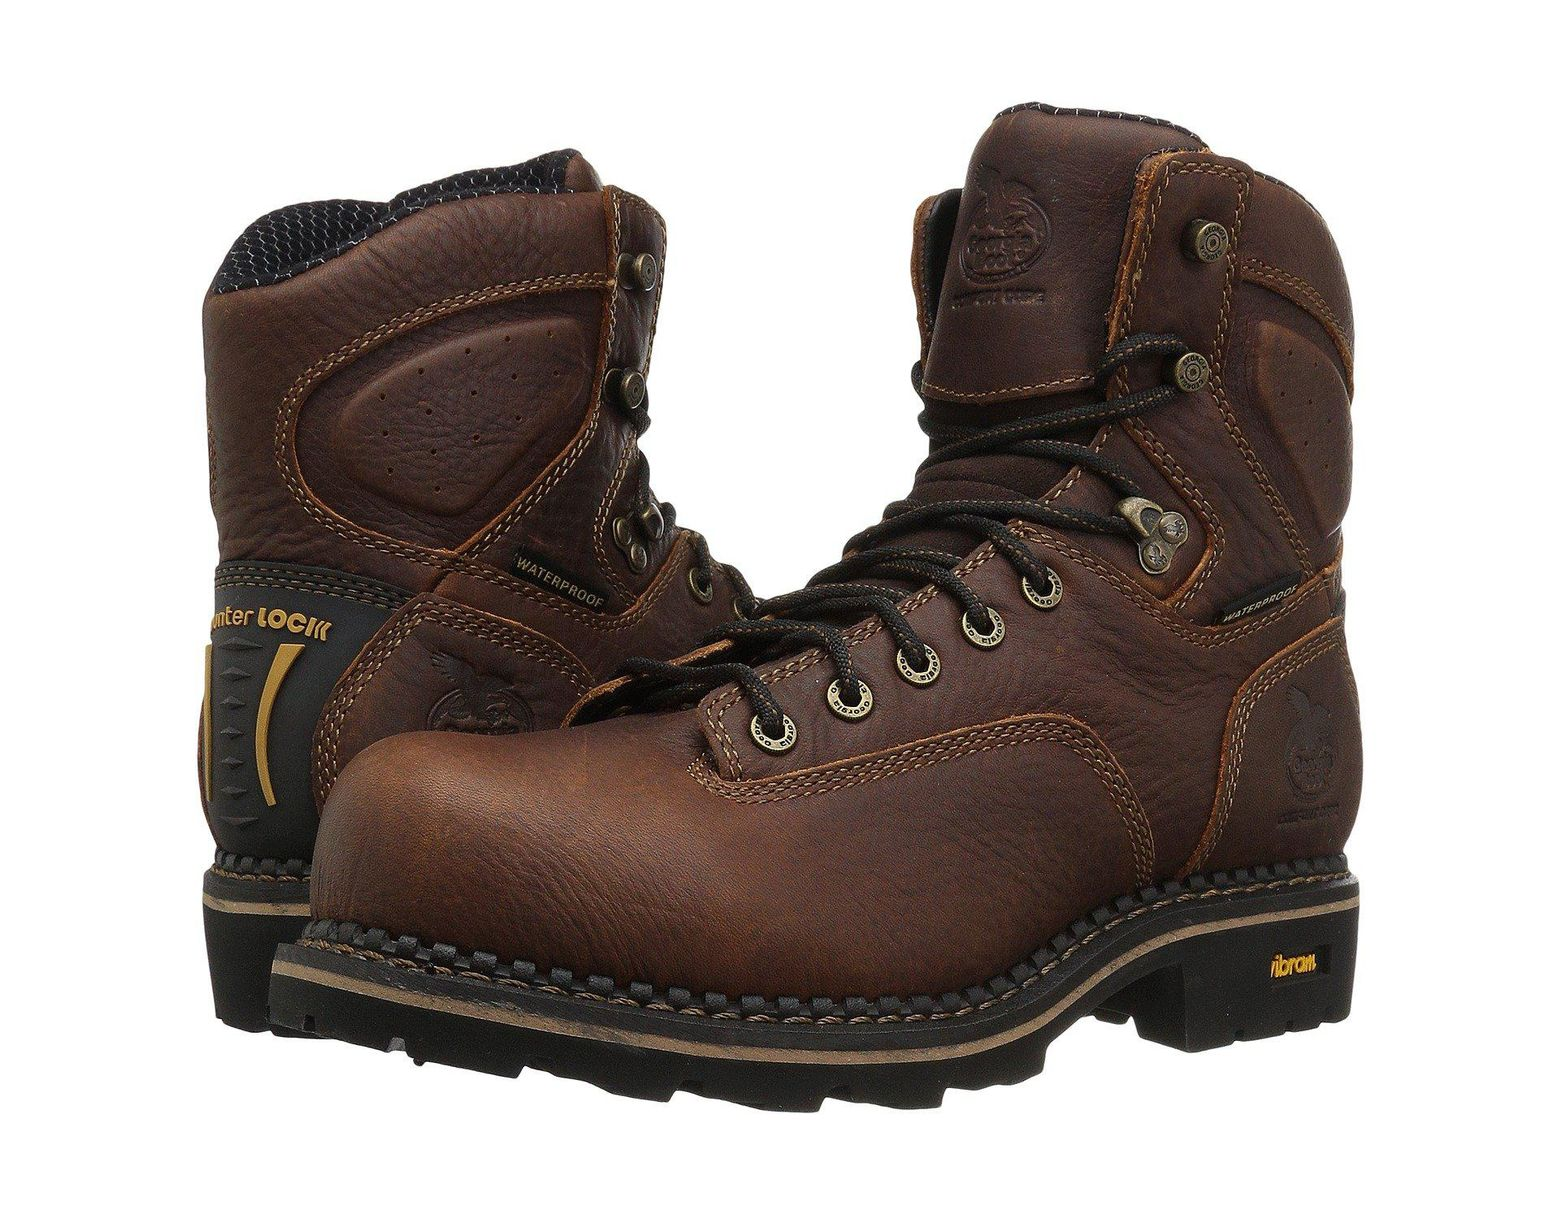 1269c2e7bd1 Men's Brown Logger 6 Low Heel Comp Toe Waterproof